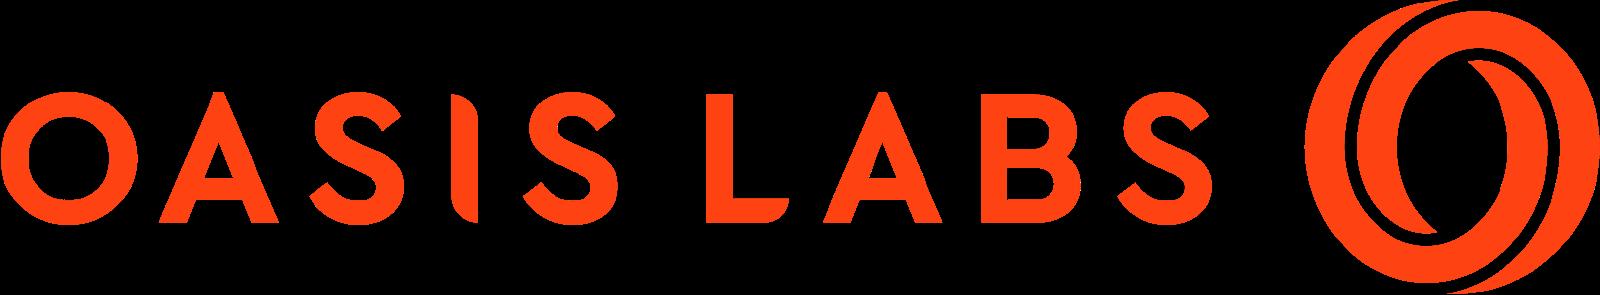 Oasis Labs (OLS)